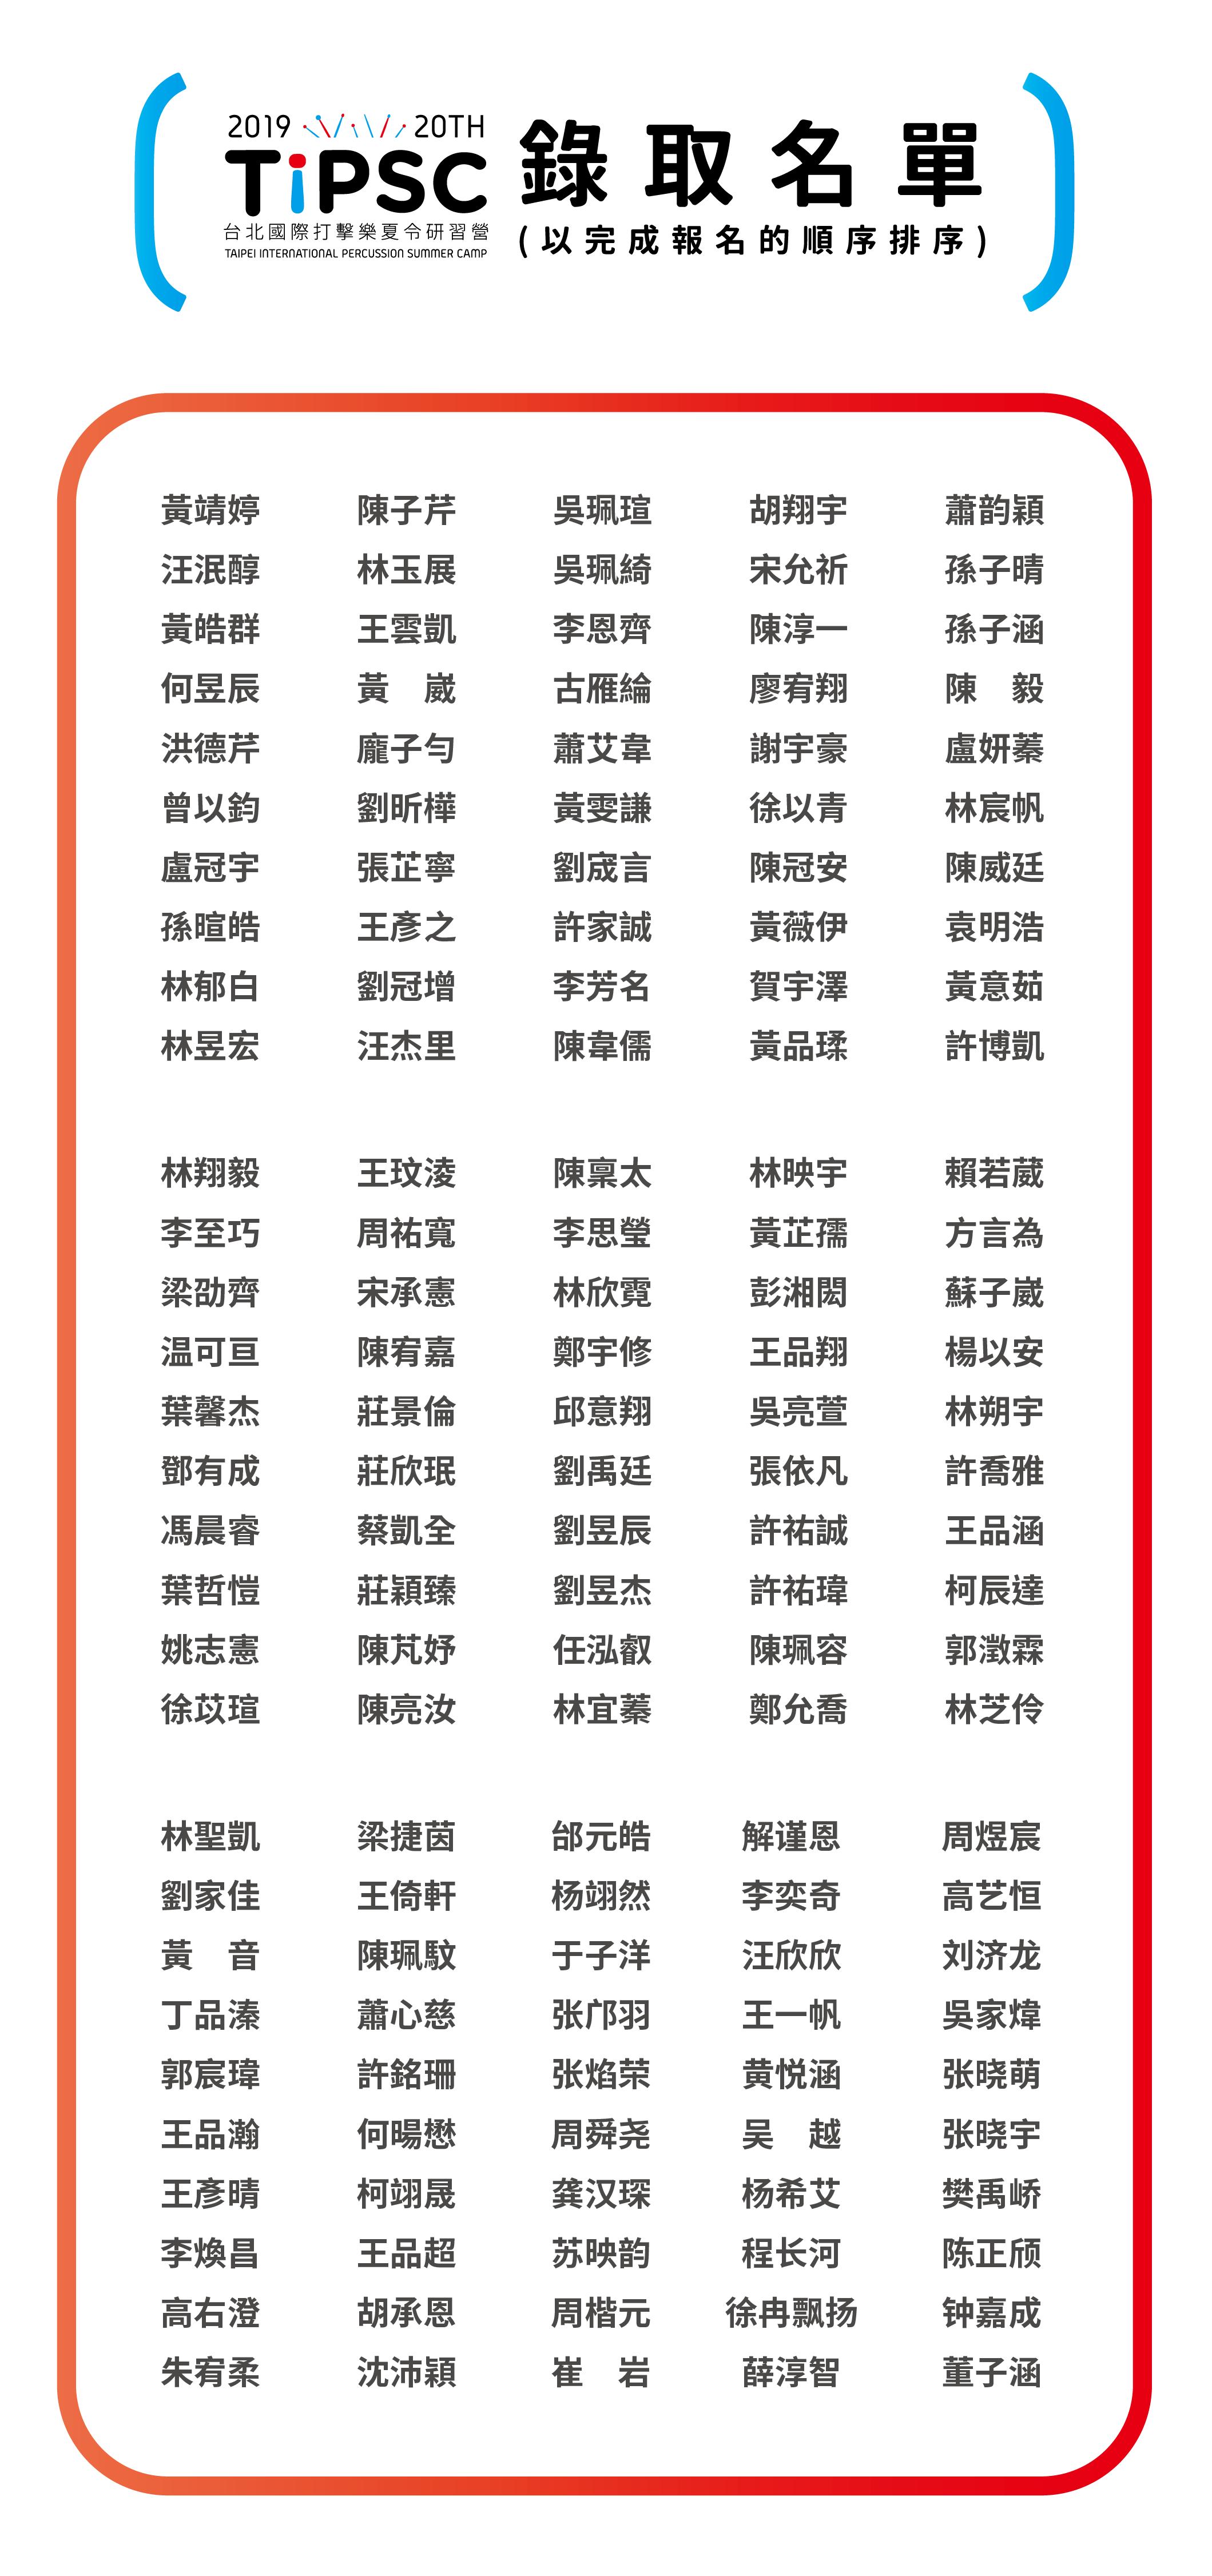 2019TIPSC_公告參加名單-01